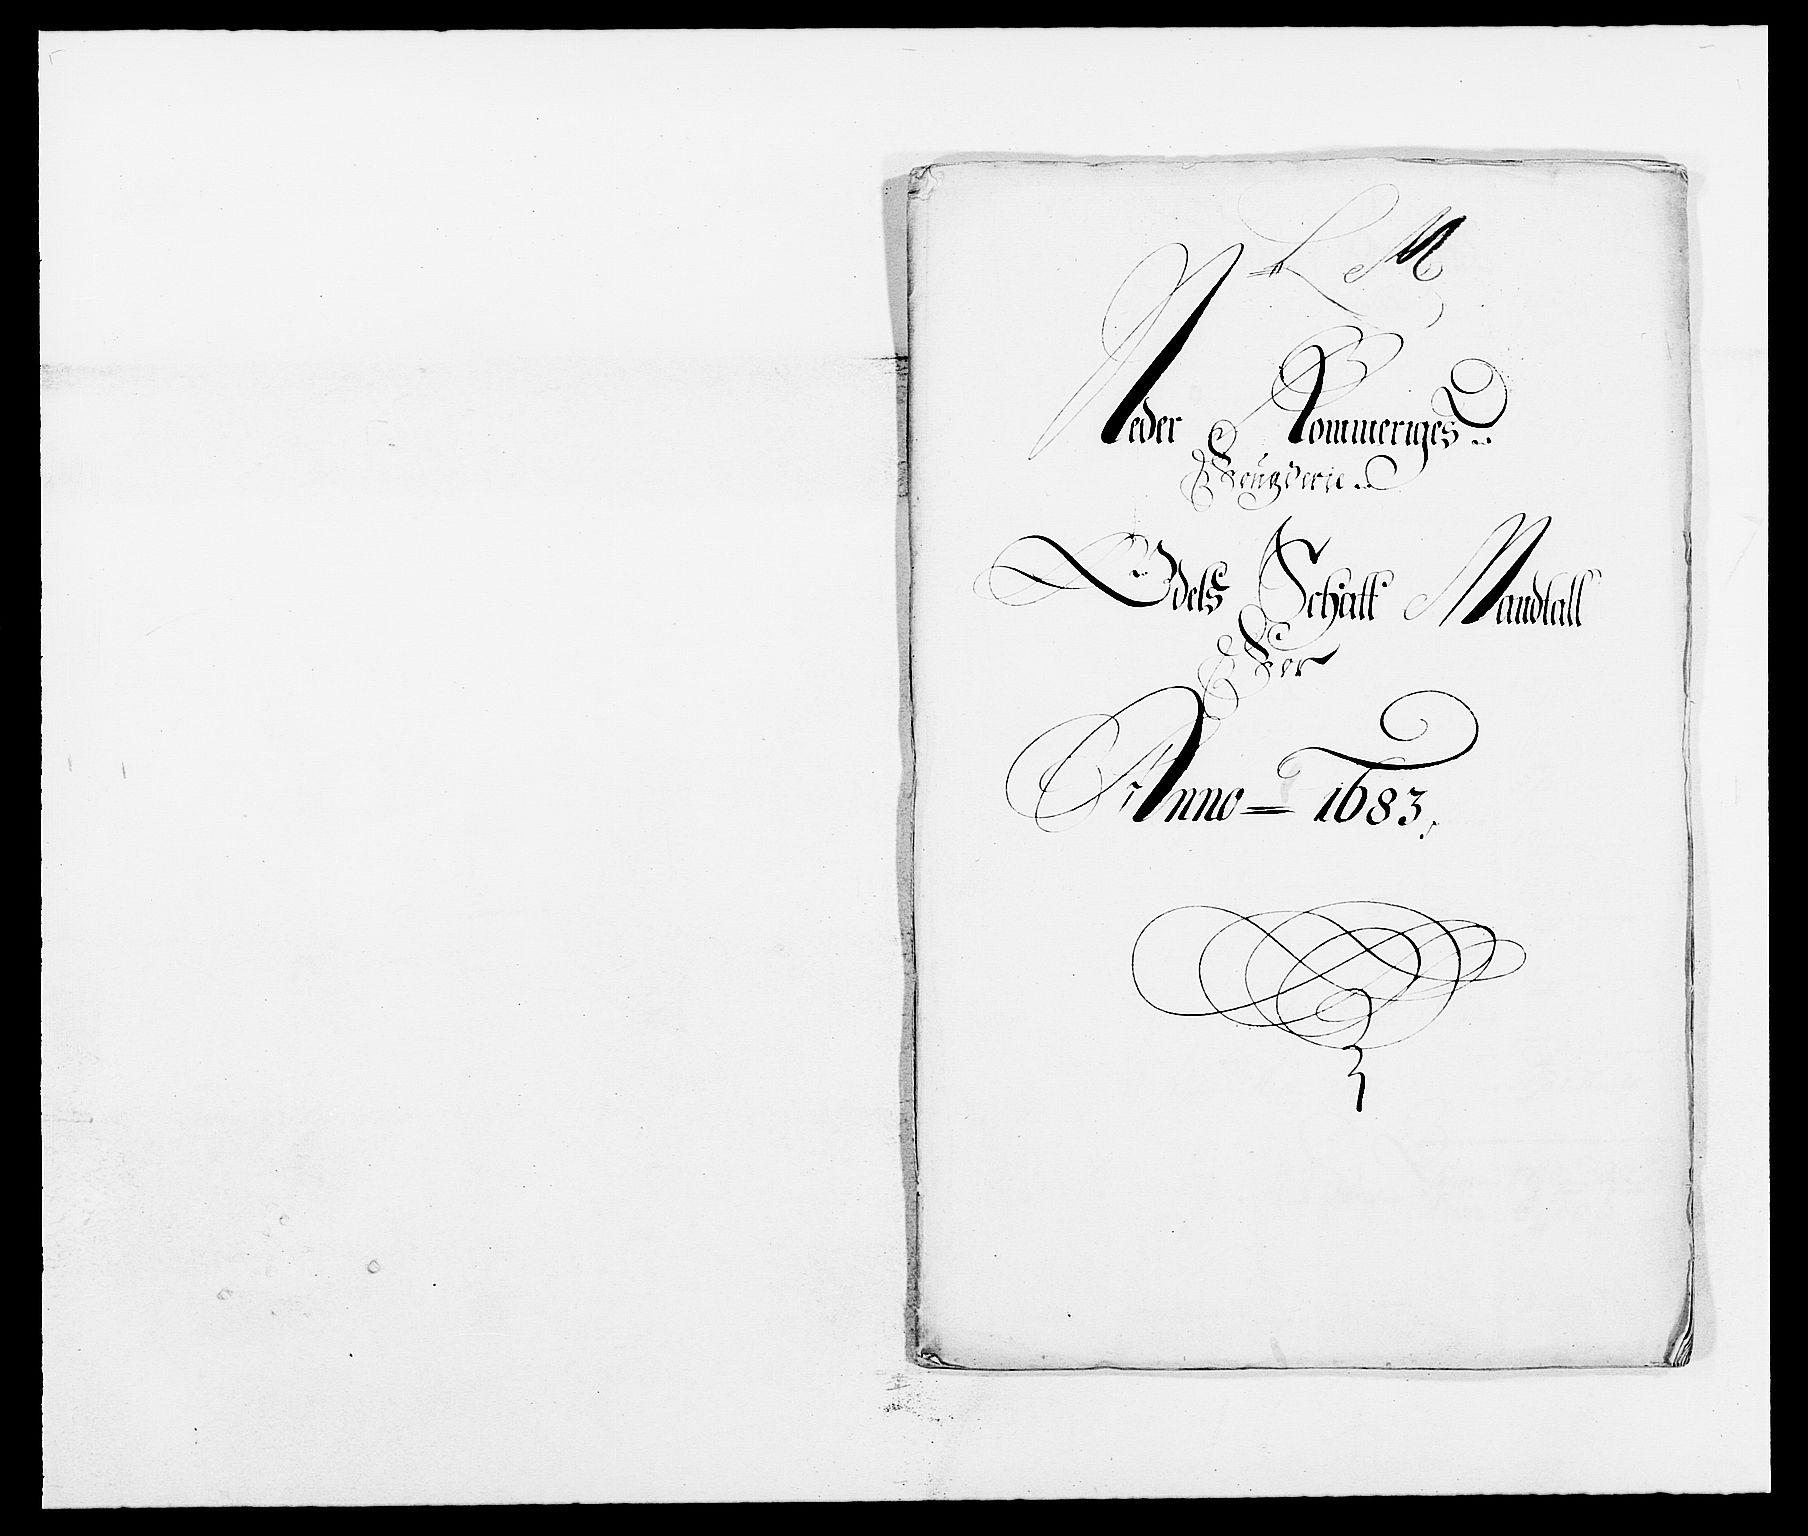 RA, Rentekammeret inntil 1814, Reviderte regnskaper, Fogderegnskap, R11/L0571: Fogderegnskap Nedre Romerike, 1683-1685, s. 84